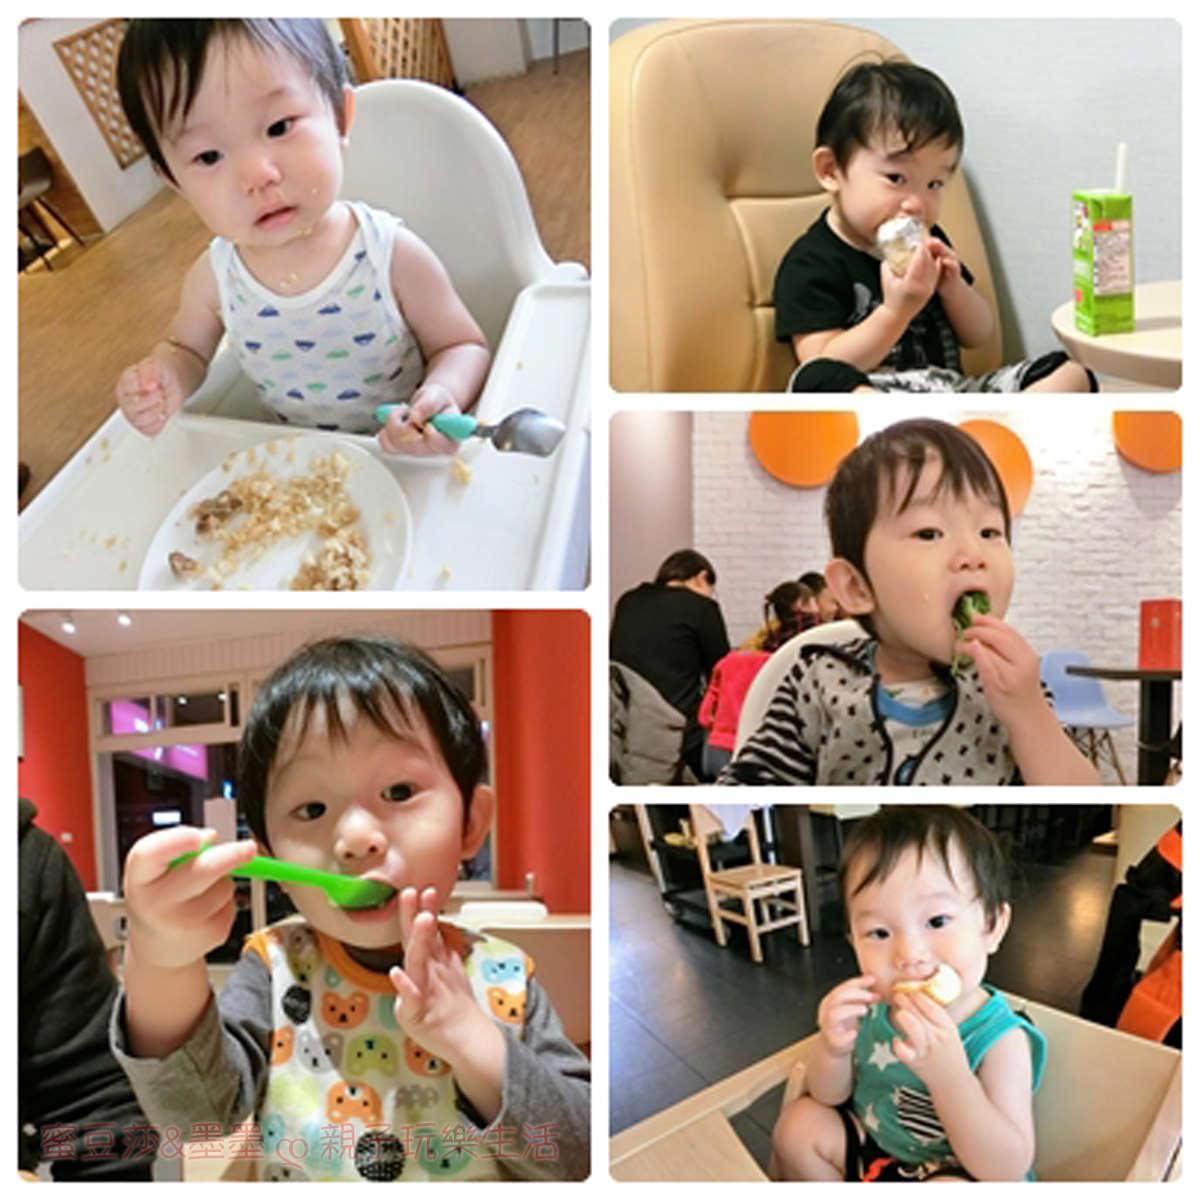 不當餵飯媽:把握三原則,就能讓孩子自己坐好吃飯